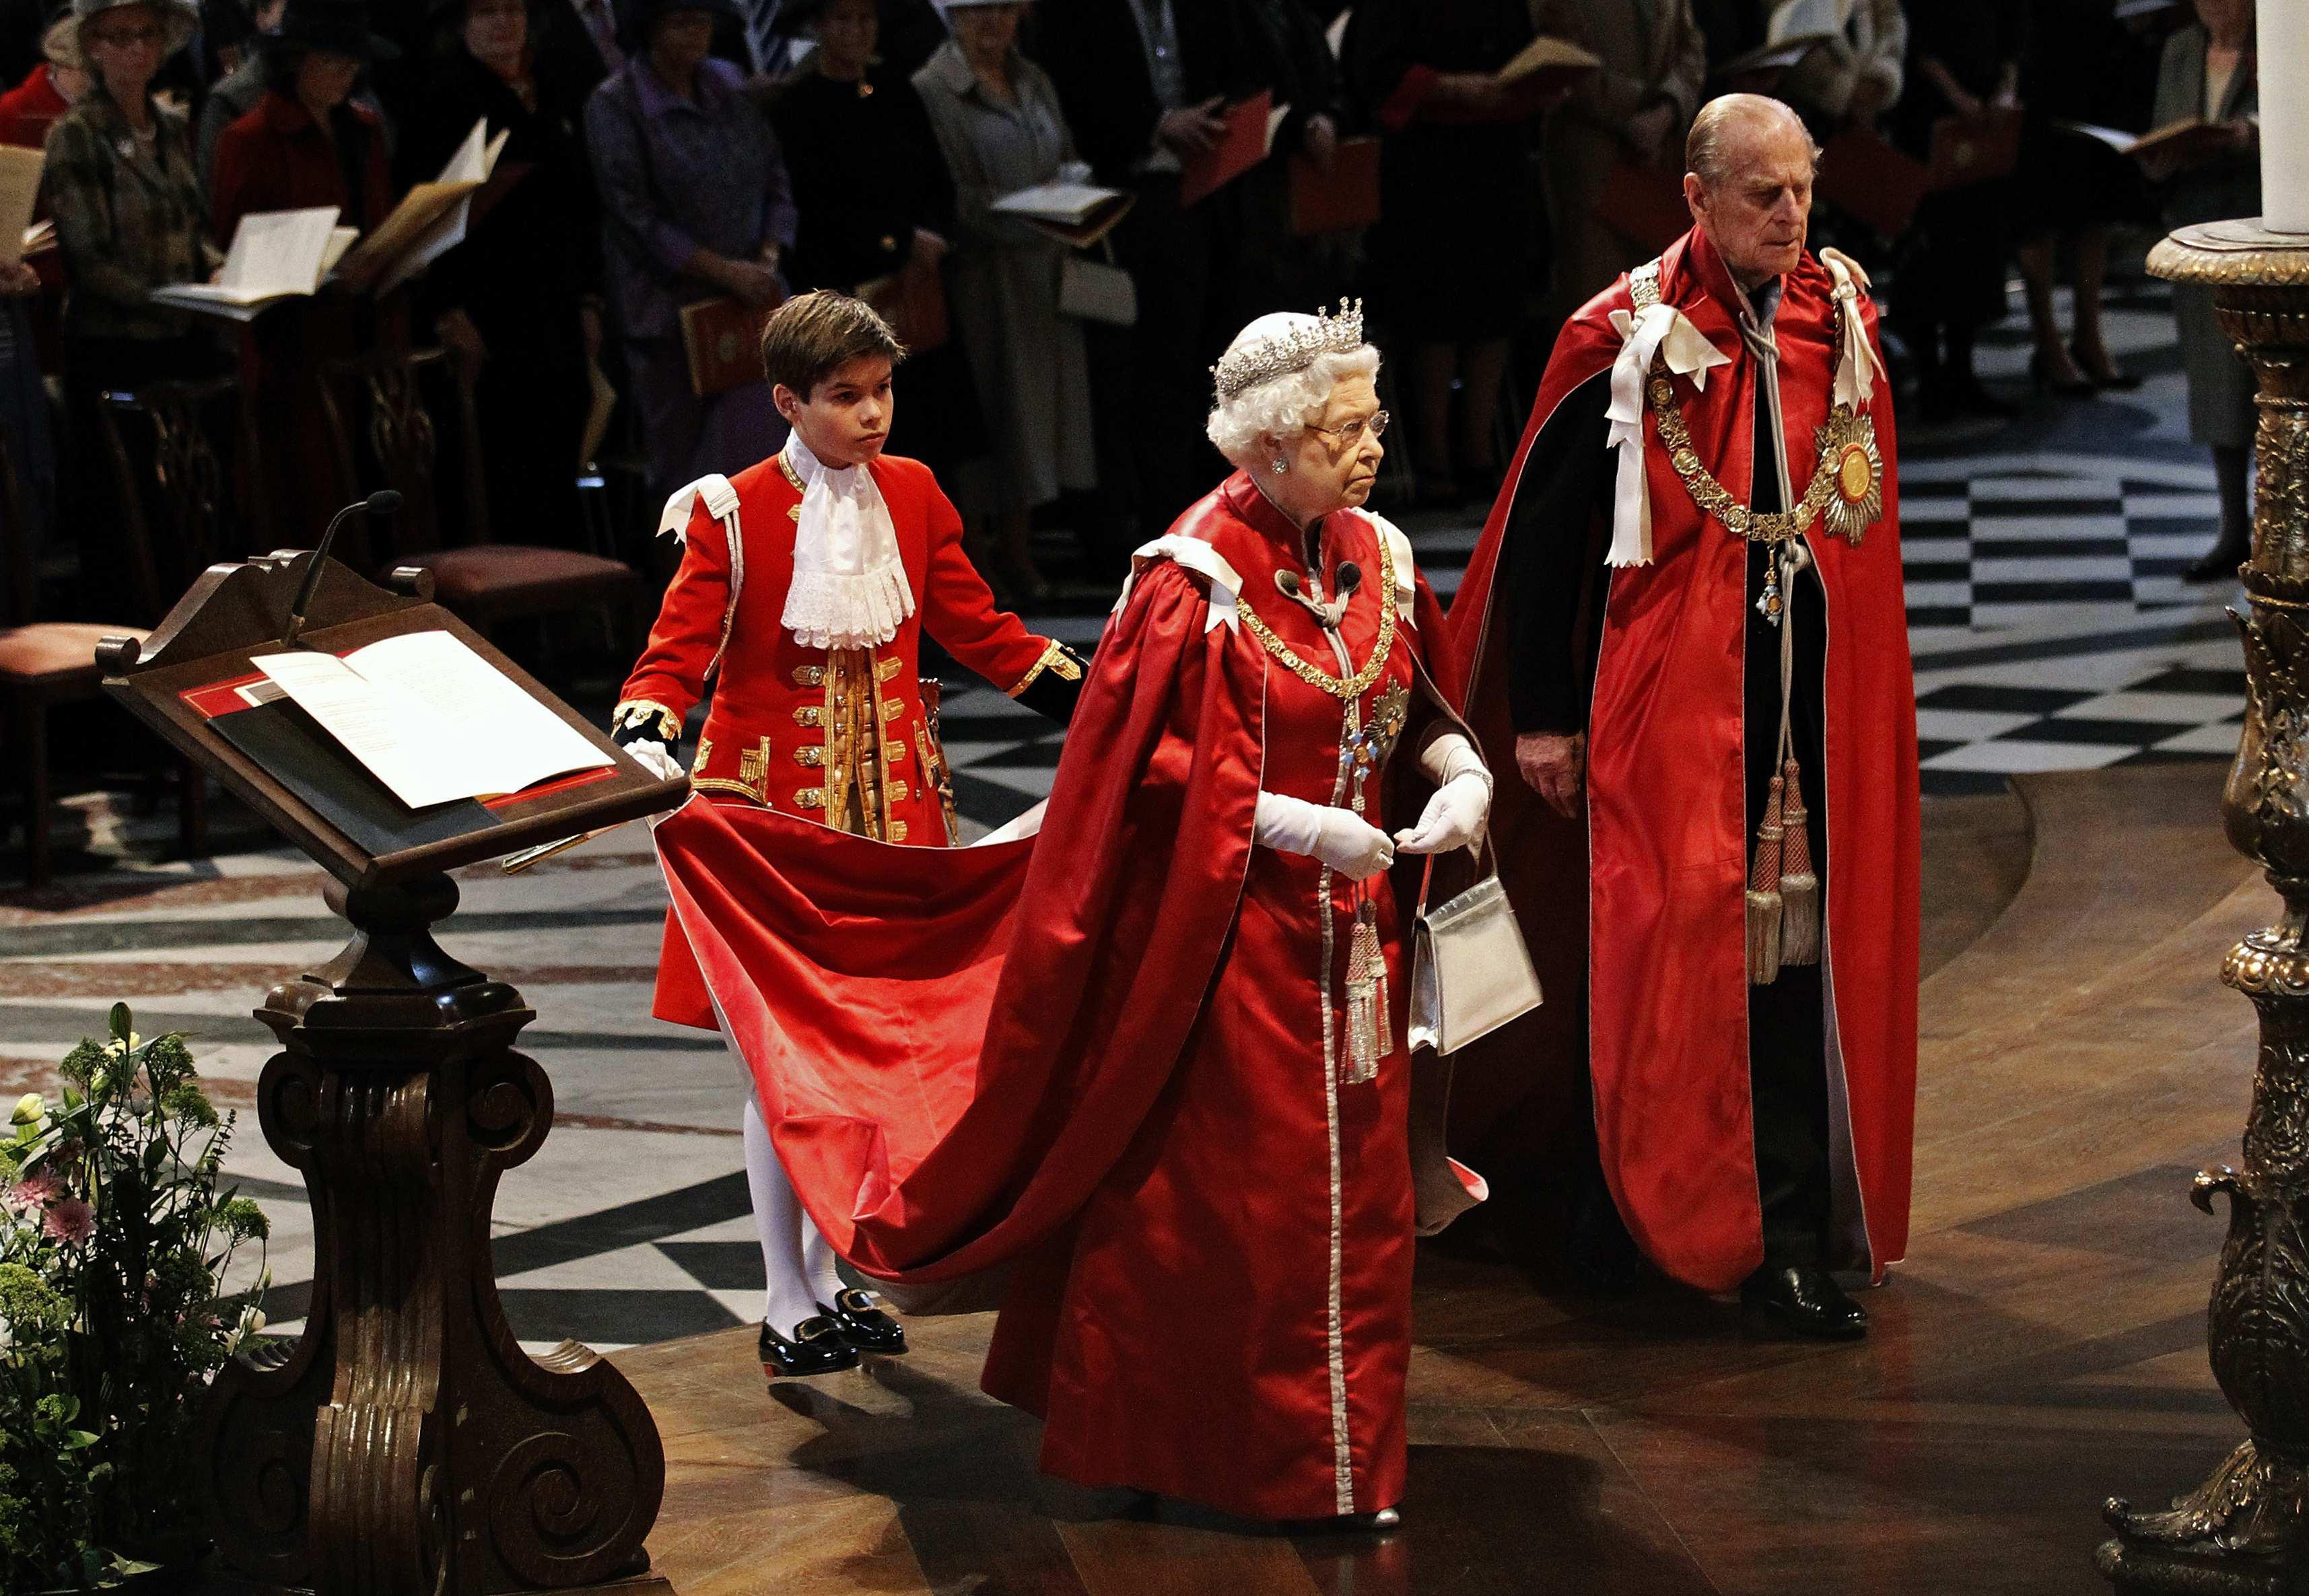 Arthur Chatto, petit-neveu de la reine, tient sa cape à l'Église Saint-Paul